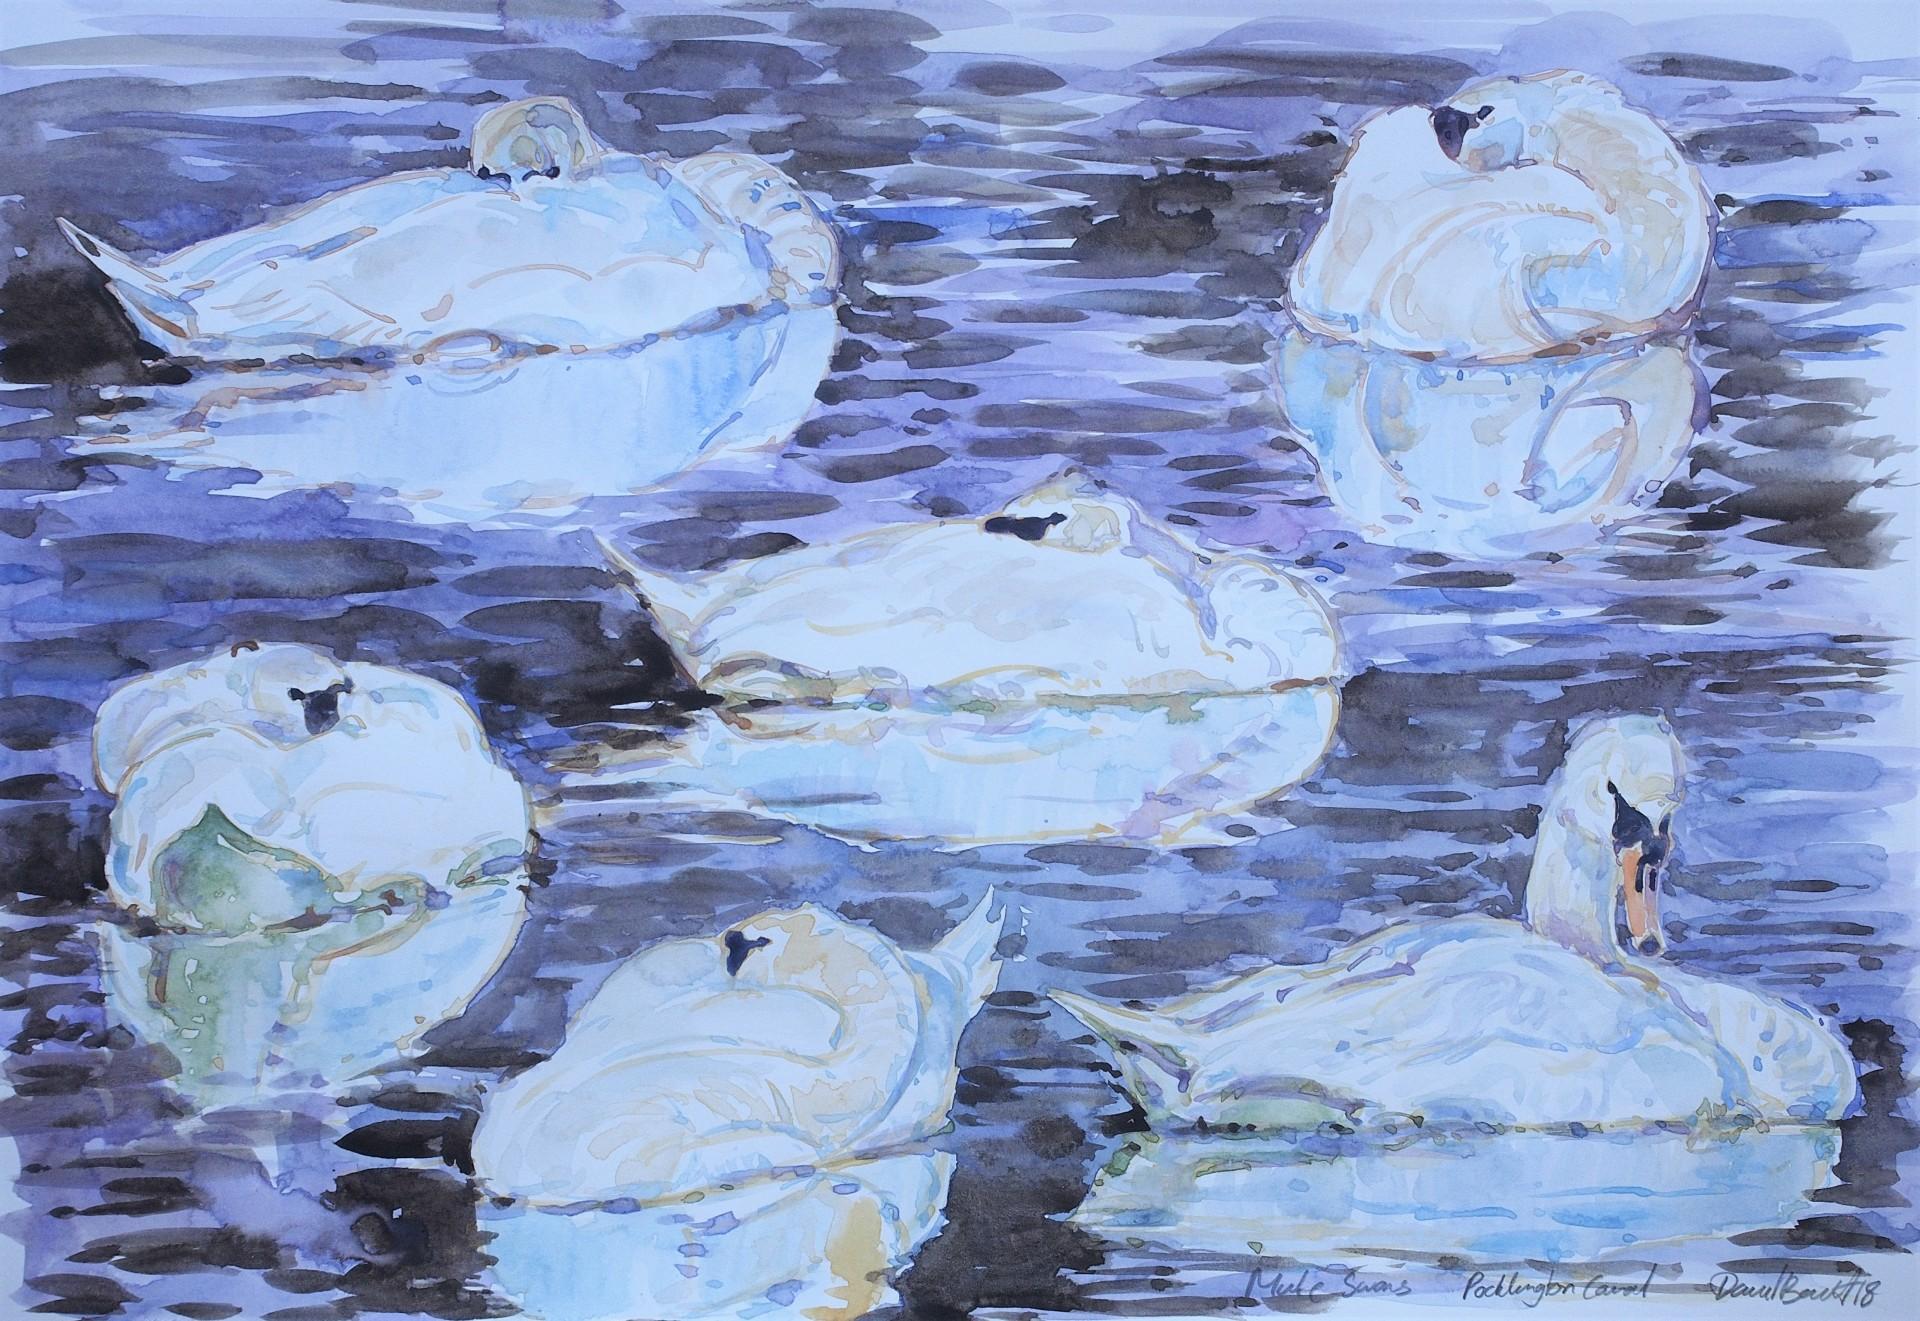 Mute Swan studies